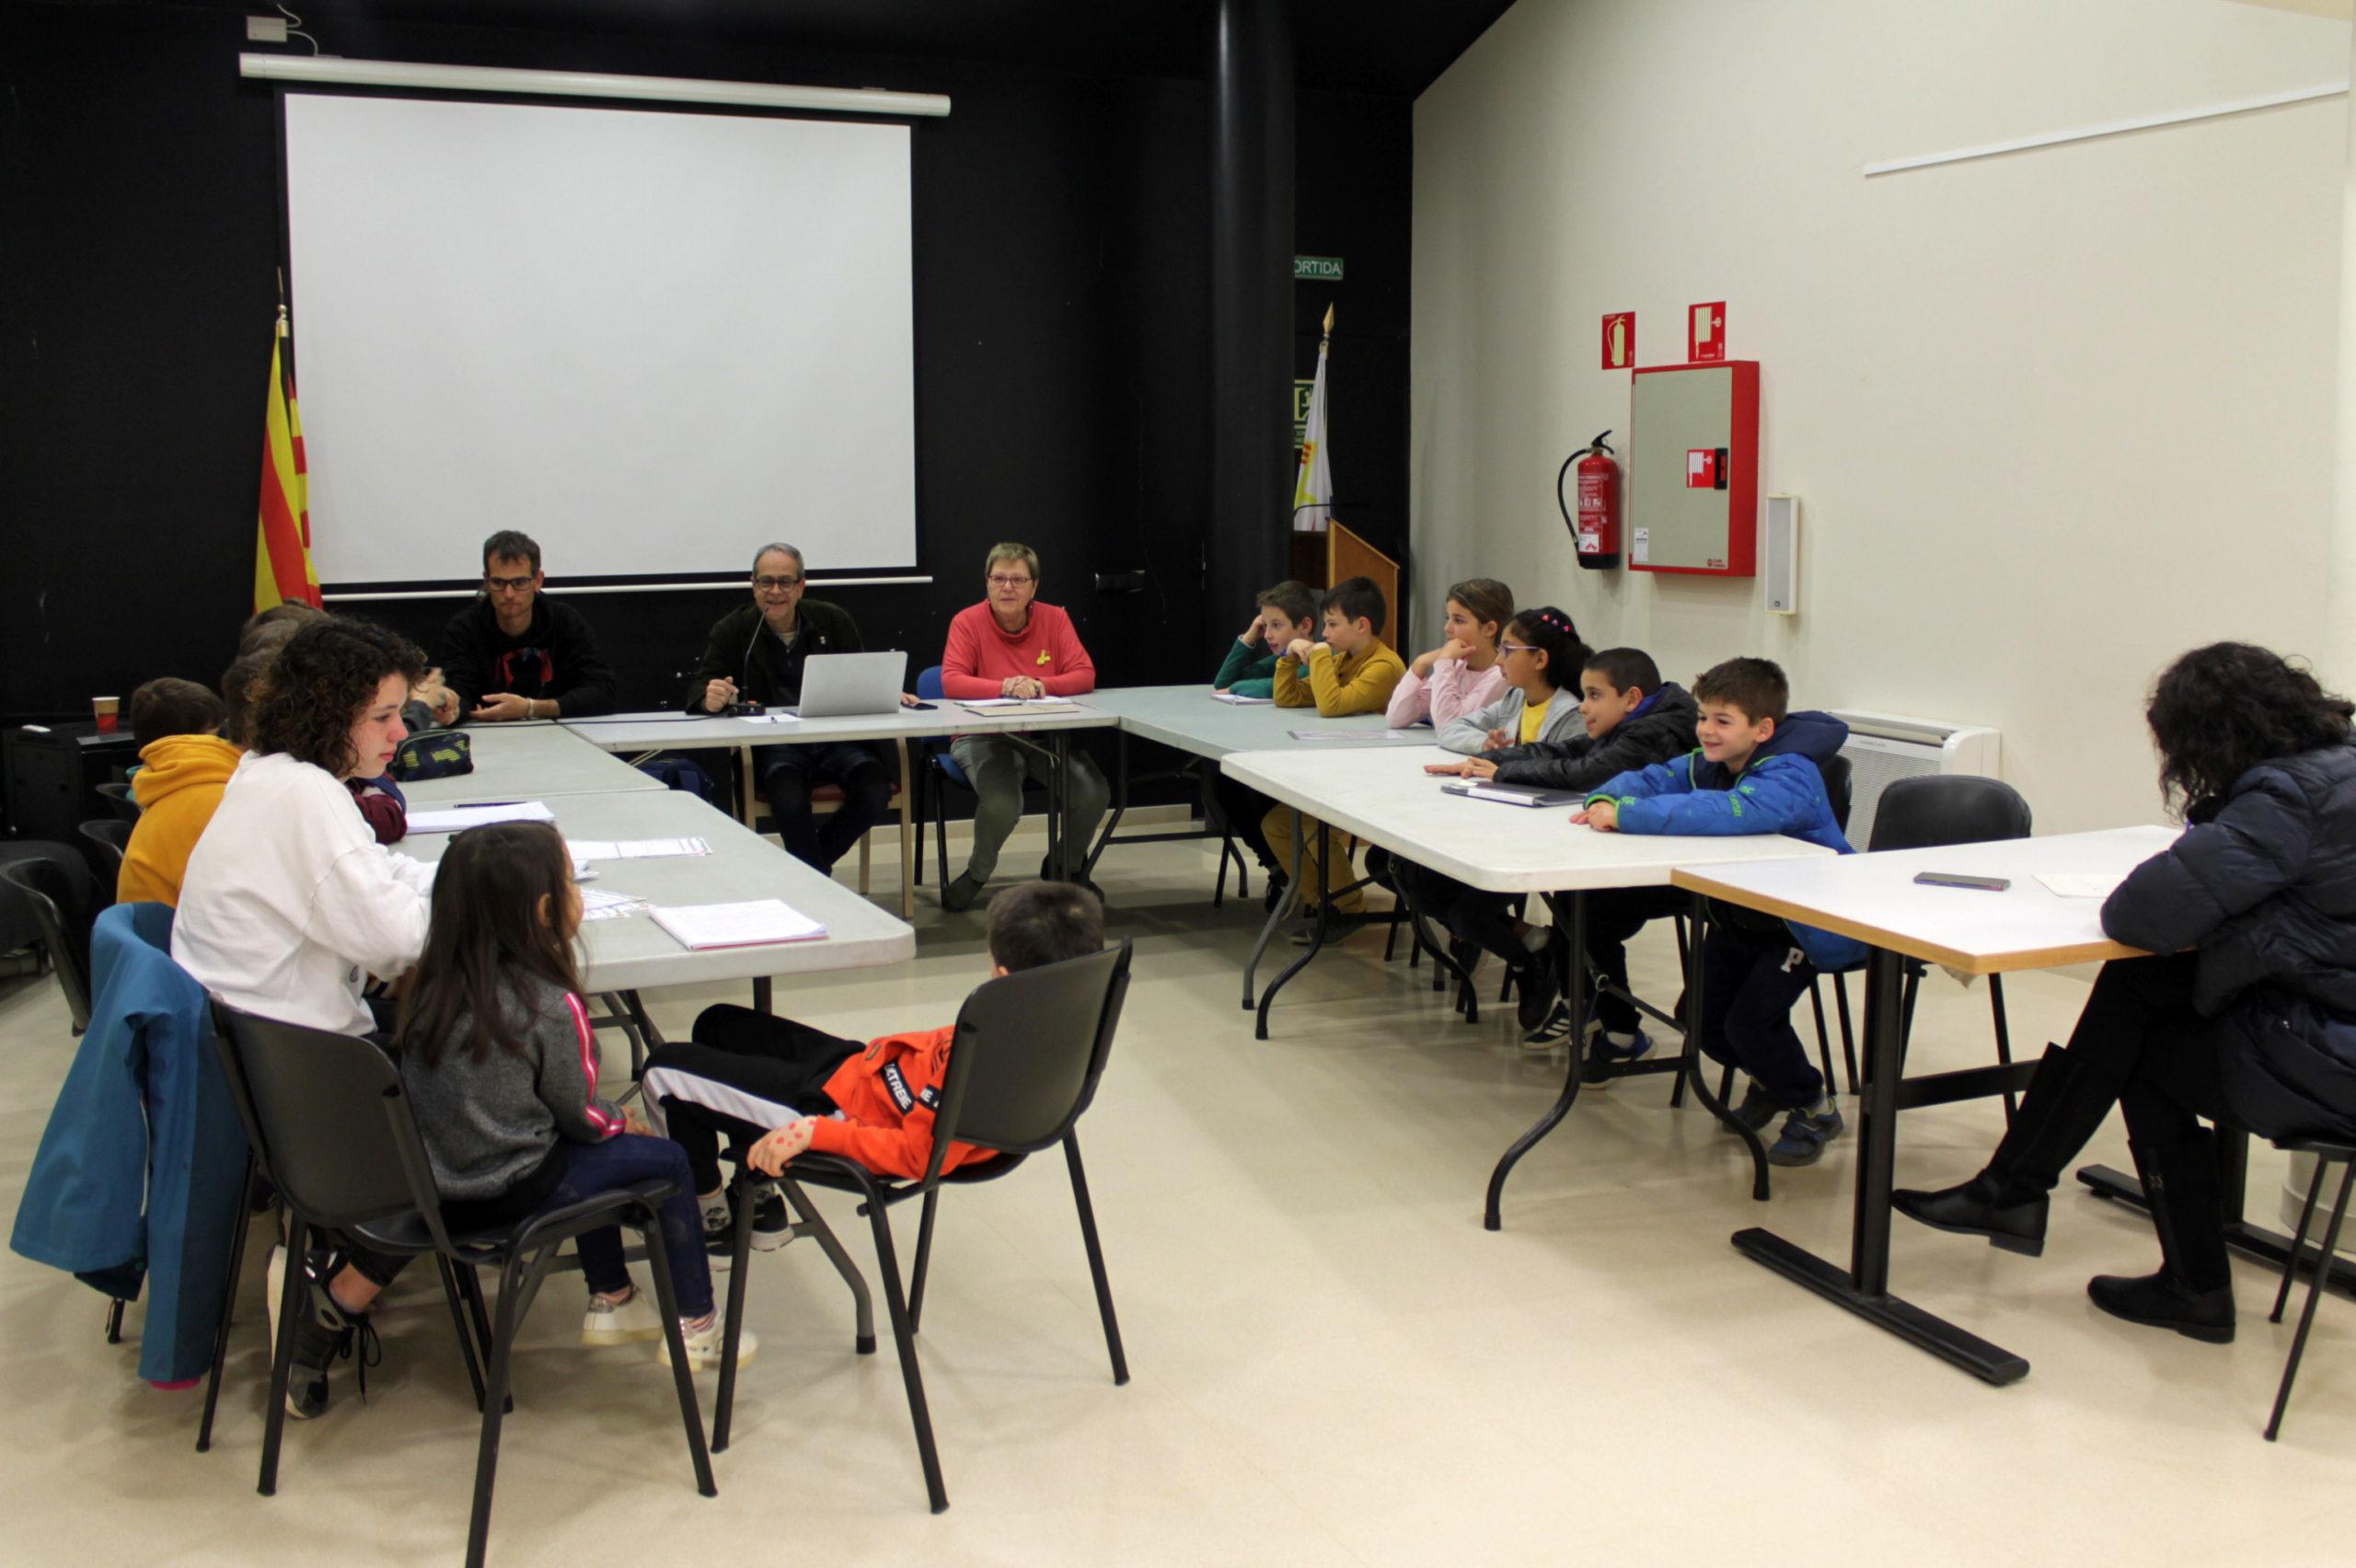 L'Ajuntament de Vilajuïga celebra amb èxit la primera edició del Consell d'Infants